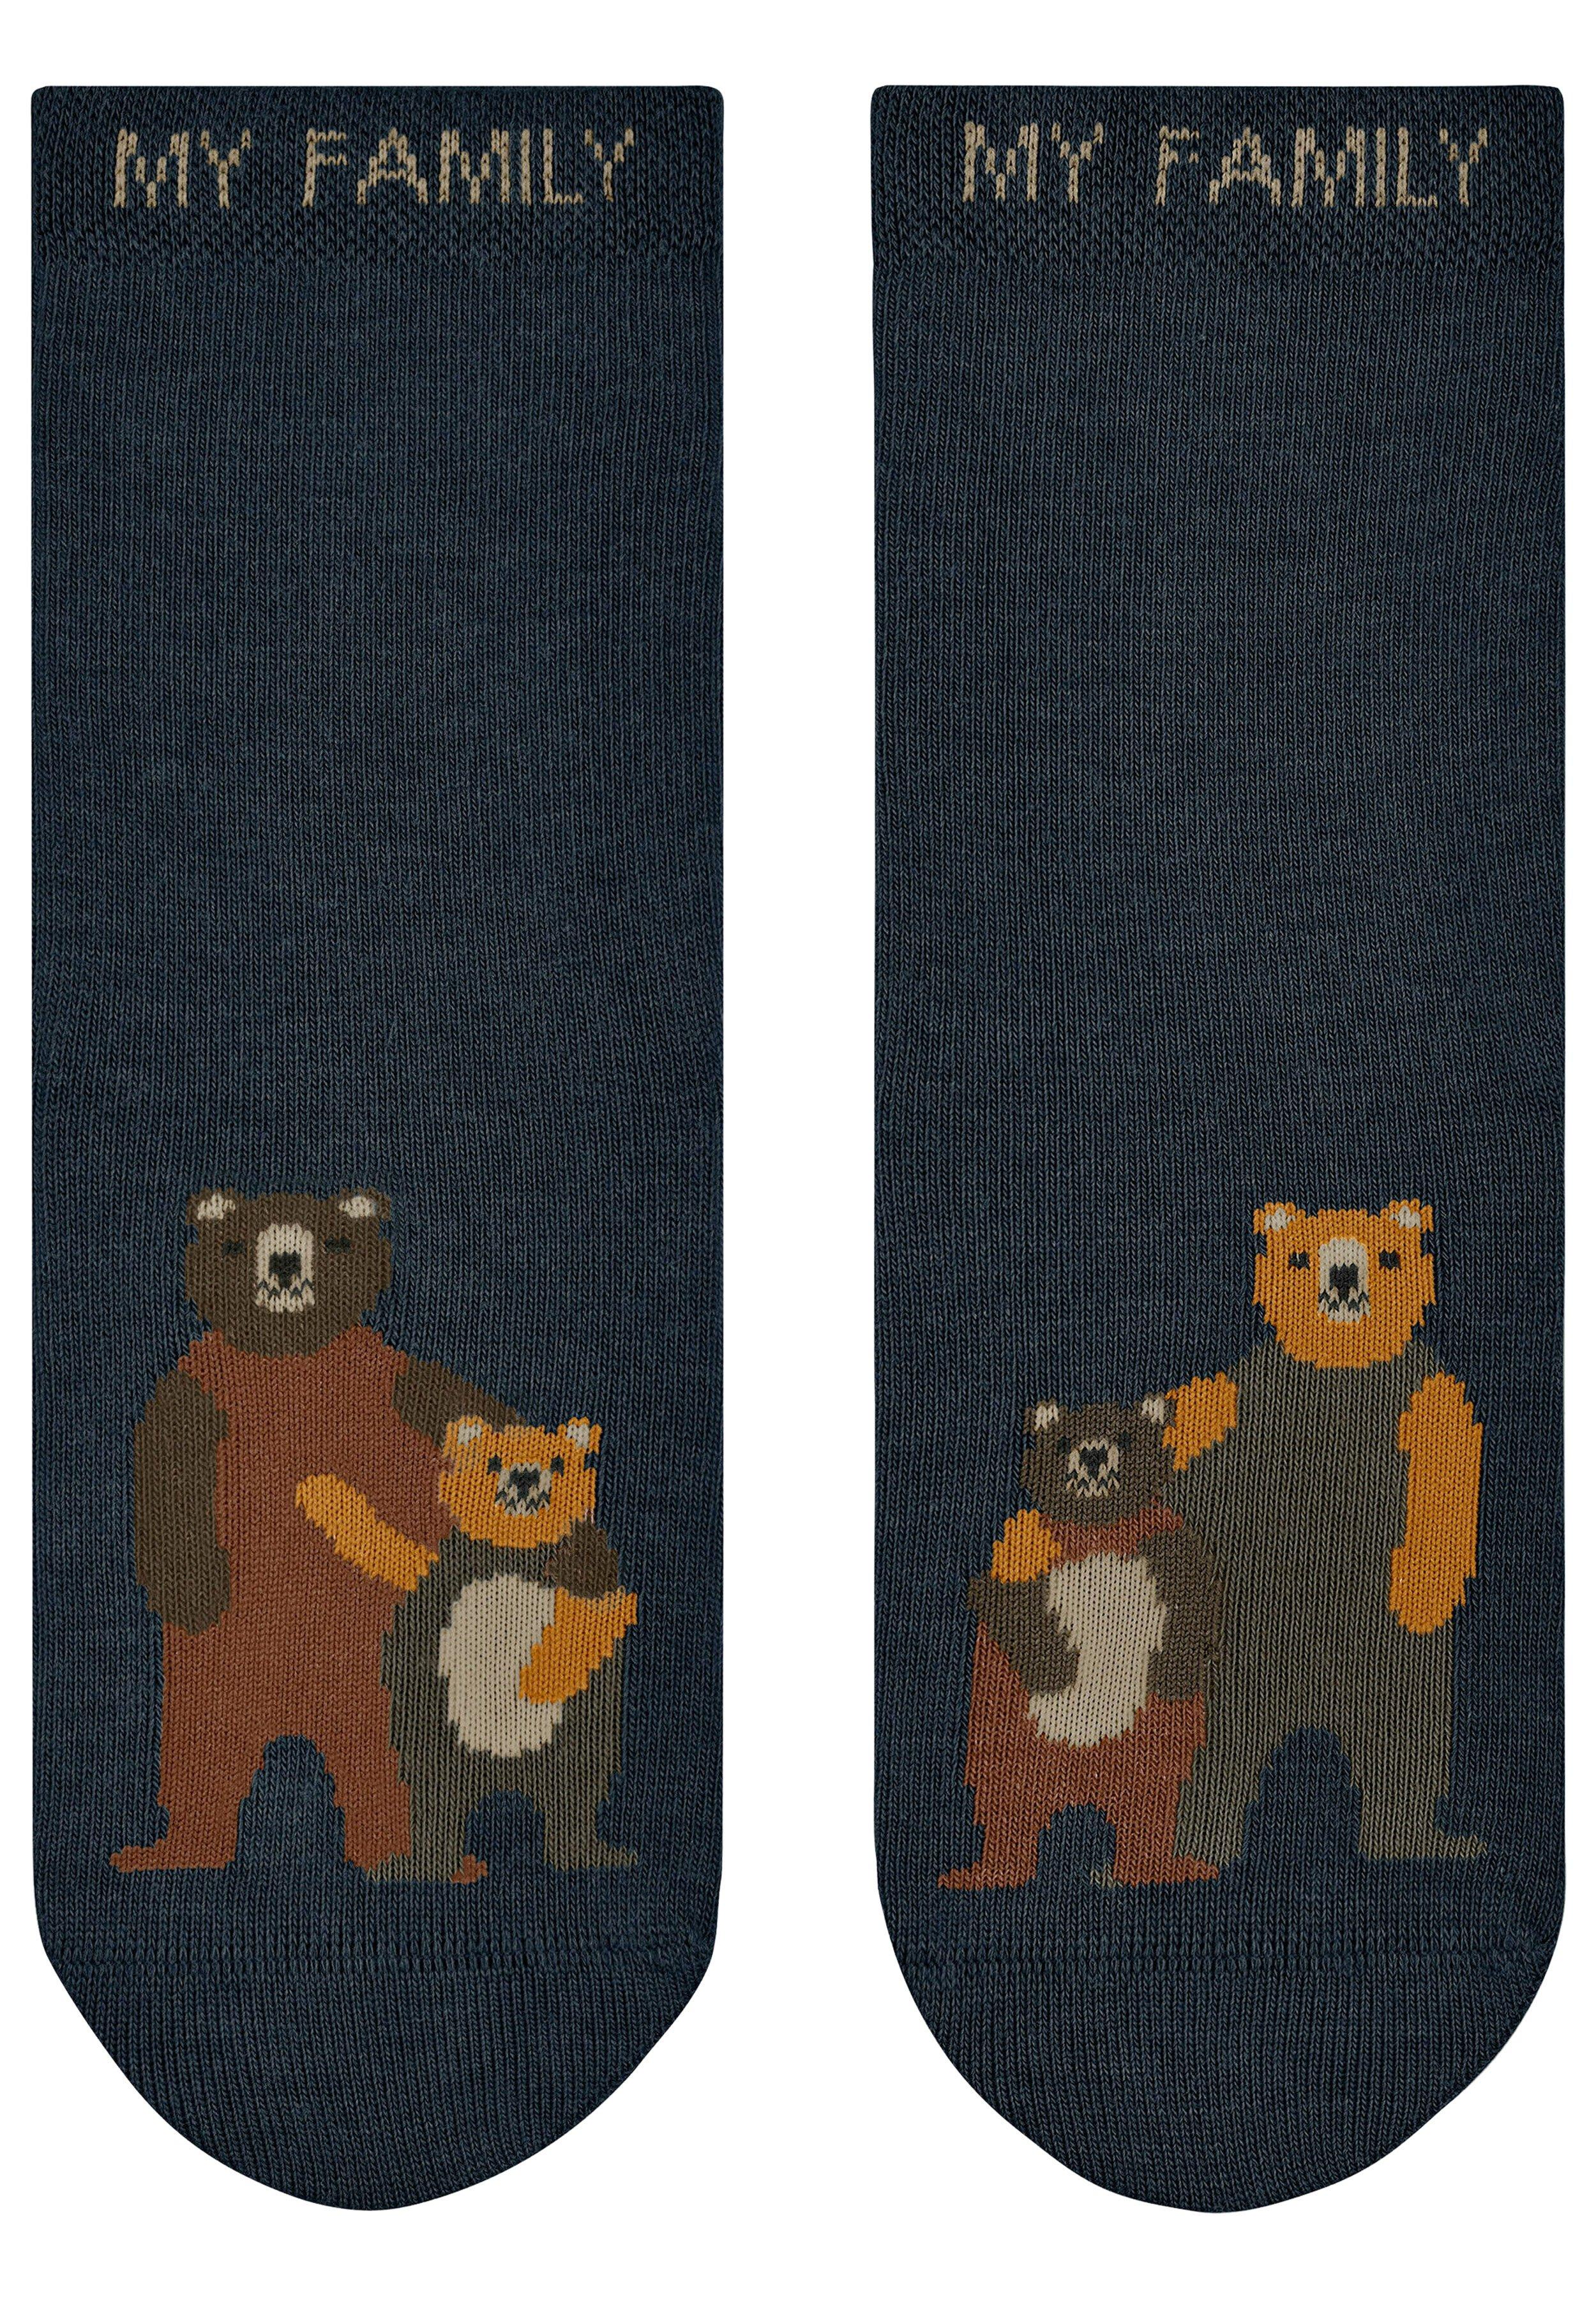 Enfant BEAR FAMILY - Chaussettes de sport - marine